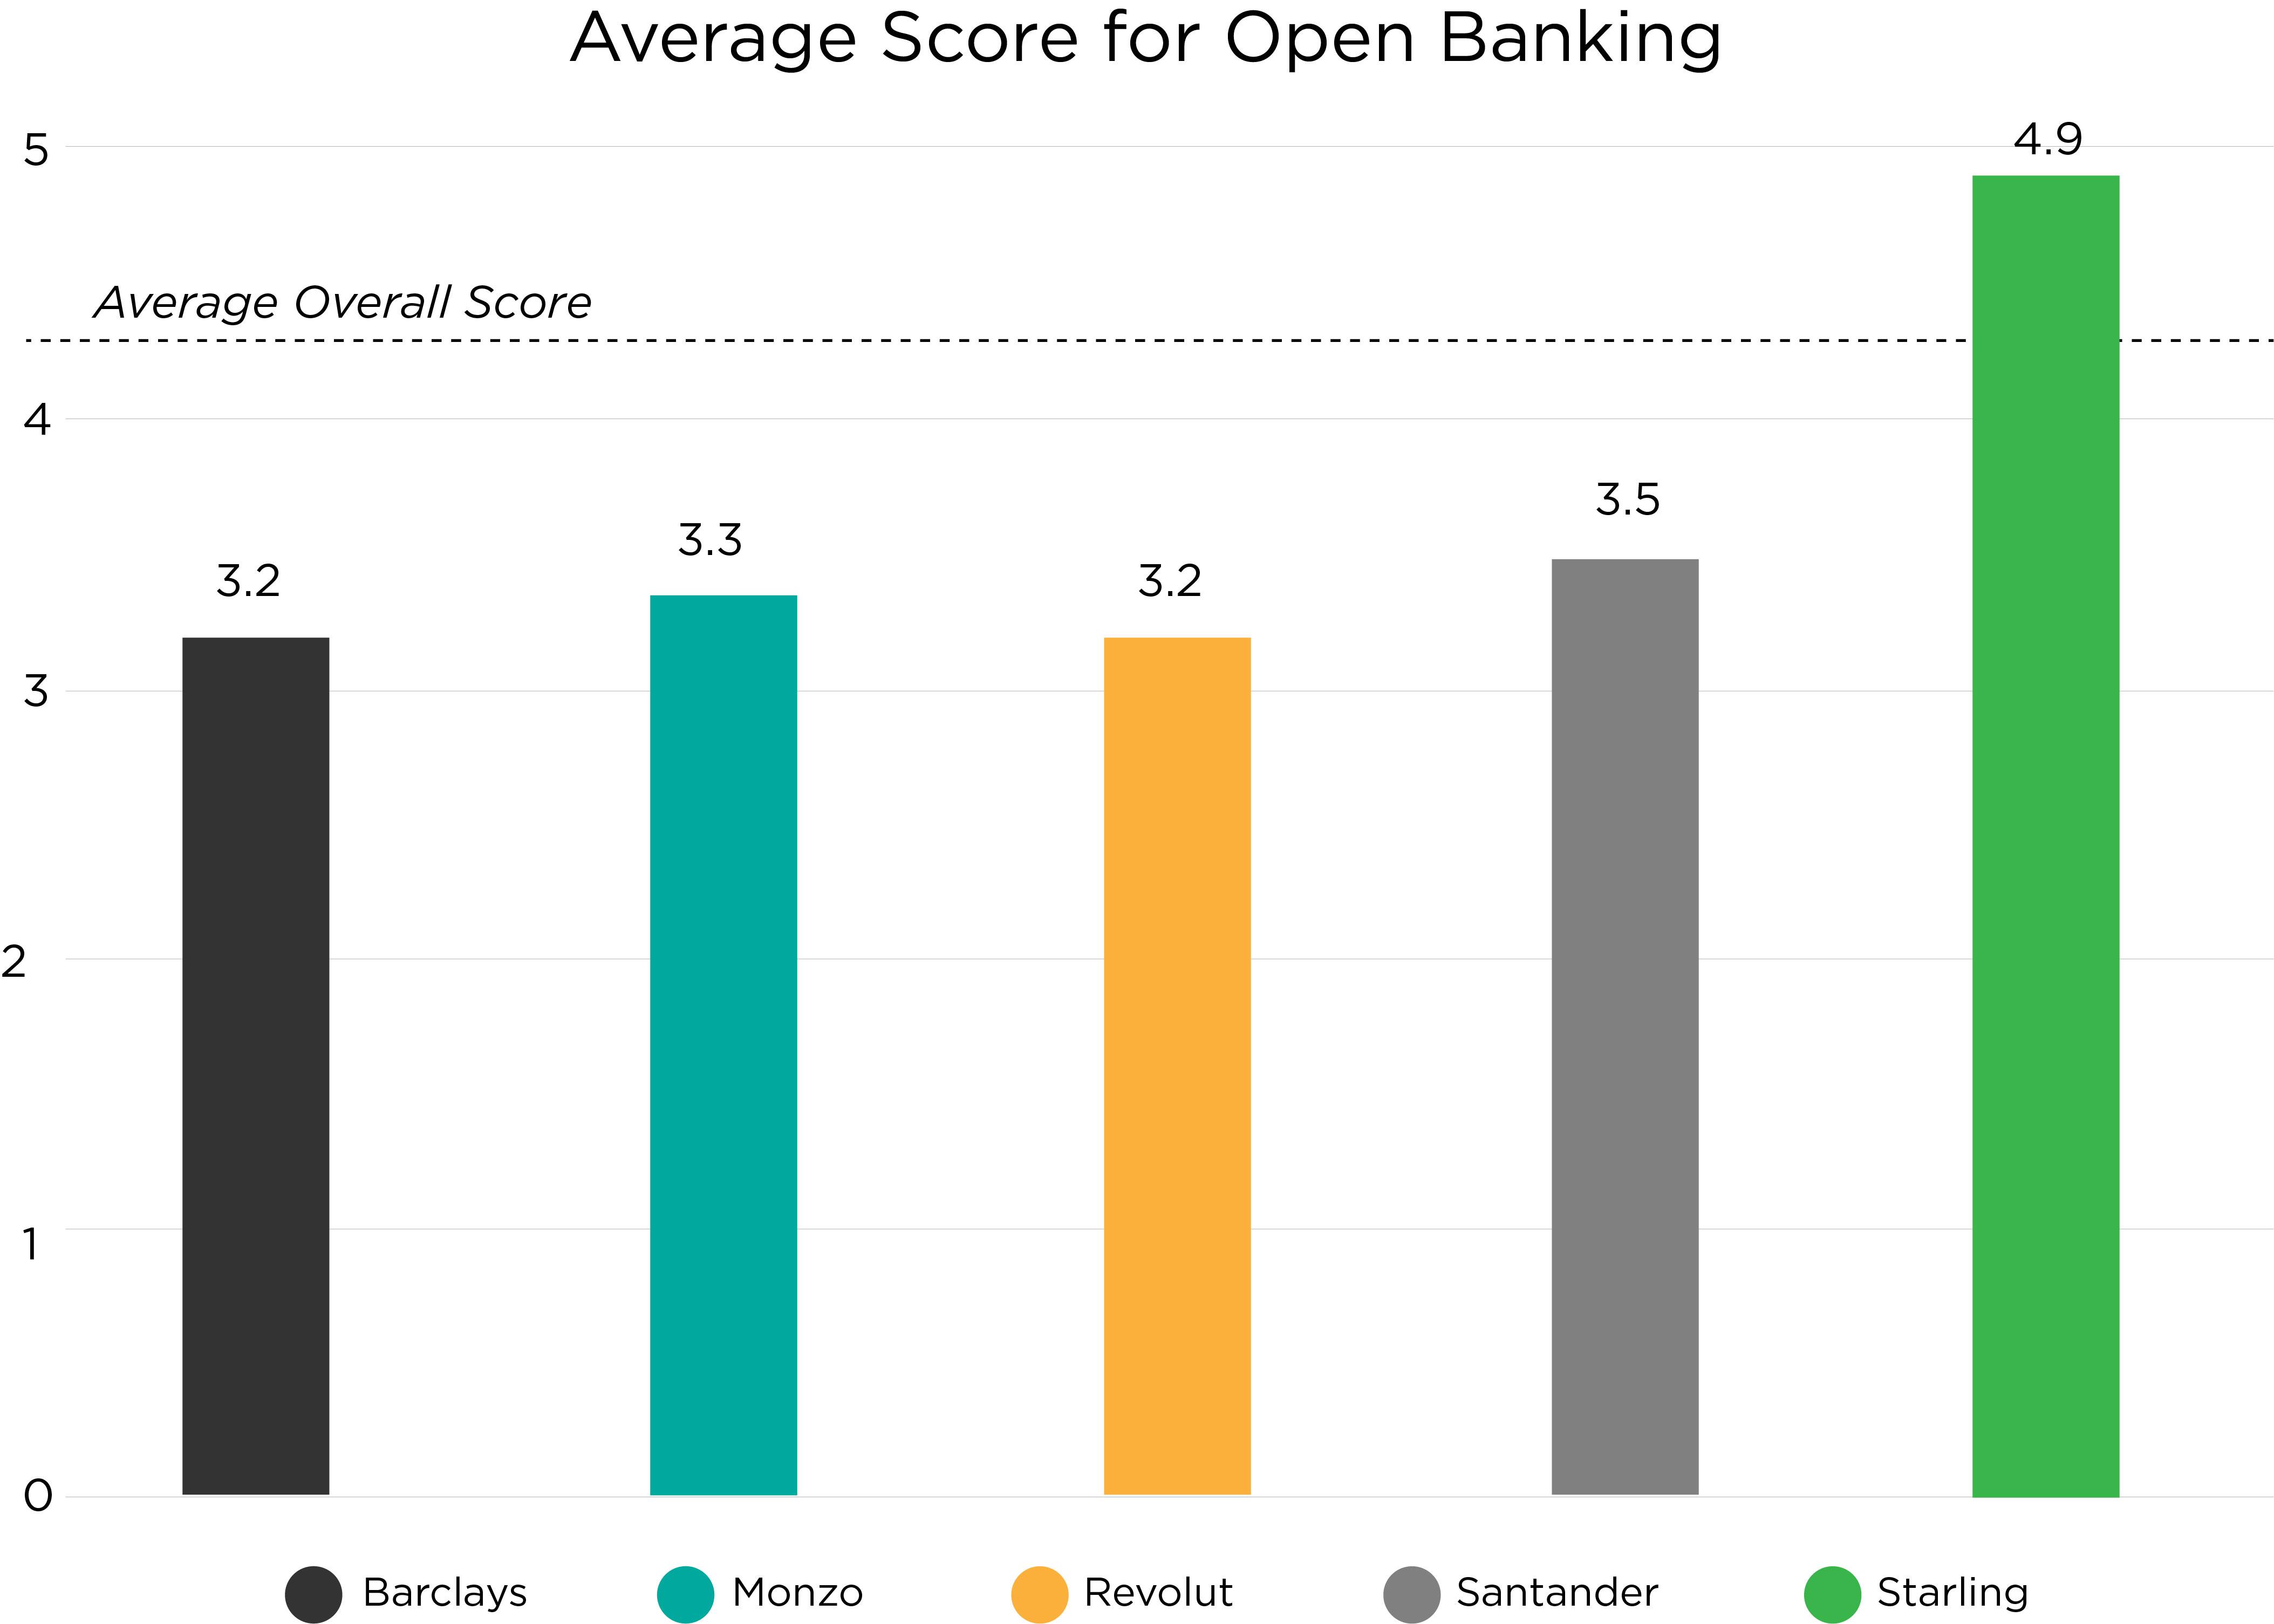 average score for open baniking